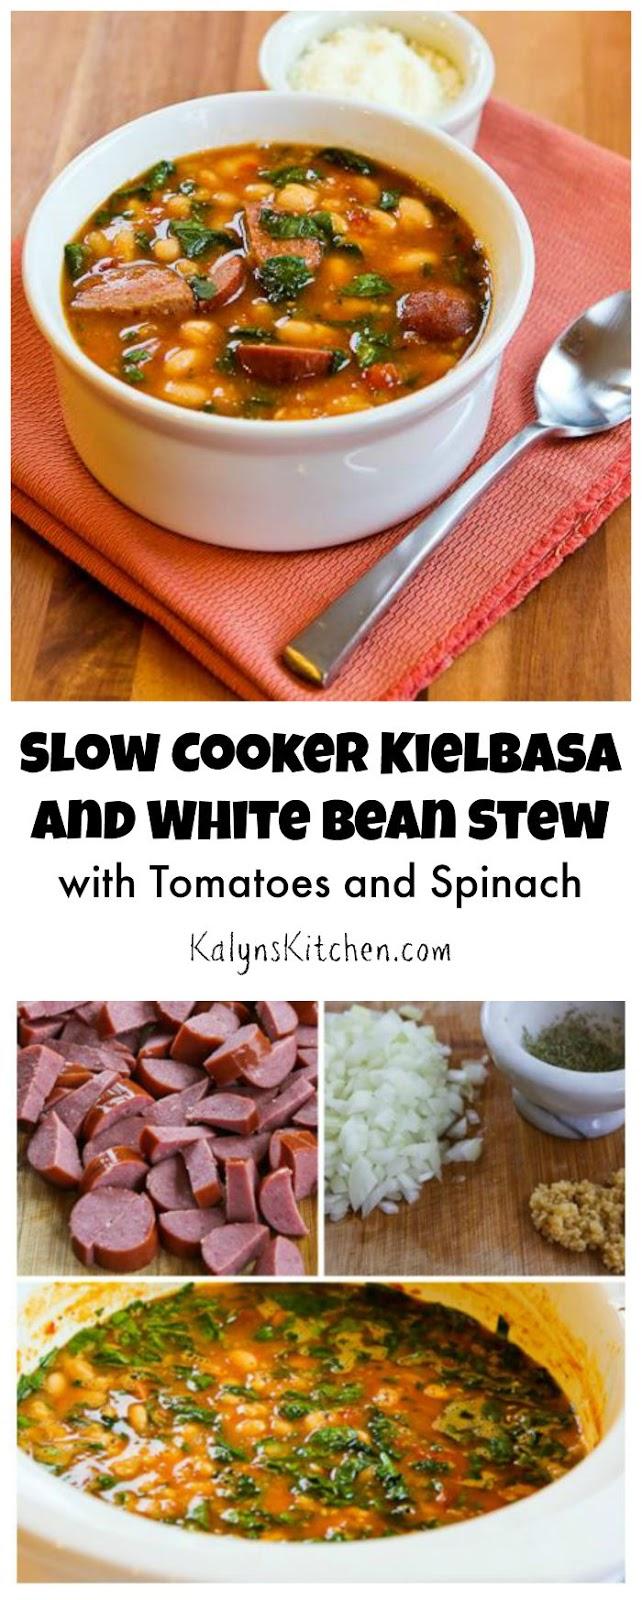 Kalyns Kitchen®Slow Cooker Kielbasa and White Bean Stew with